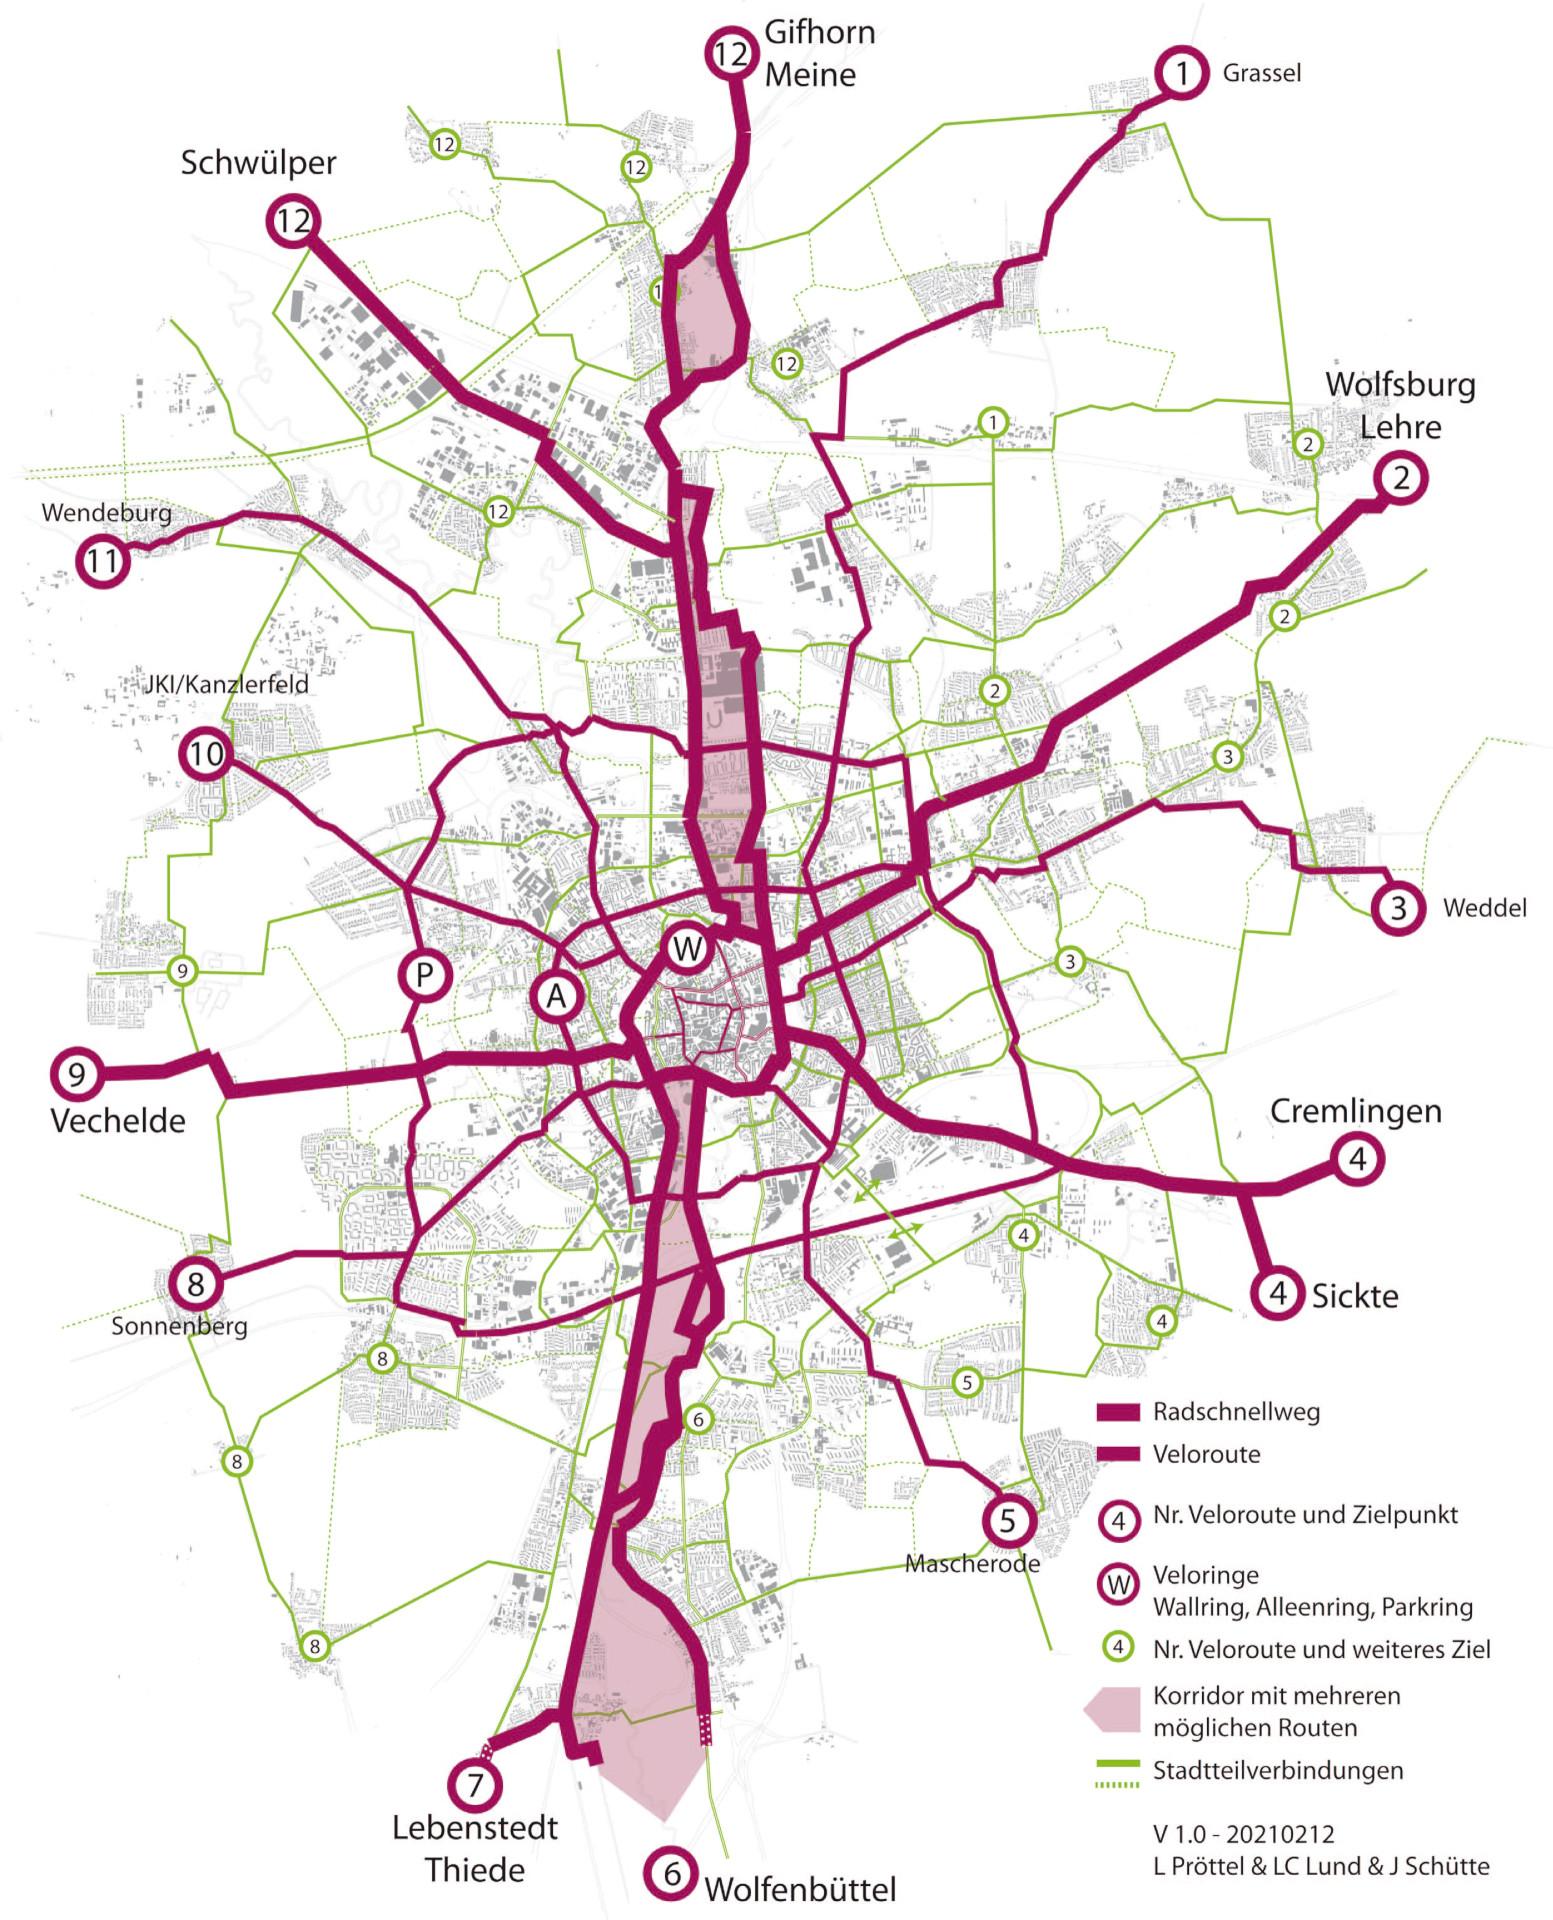 Entwurf eines Zielnetzes. 12 radiale Velorouten aus den Ortsteilen ins Stadtzentrum und 3 Veloringe, die Querverbindungen herstellen.